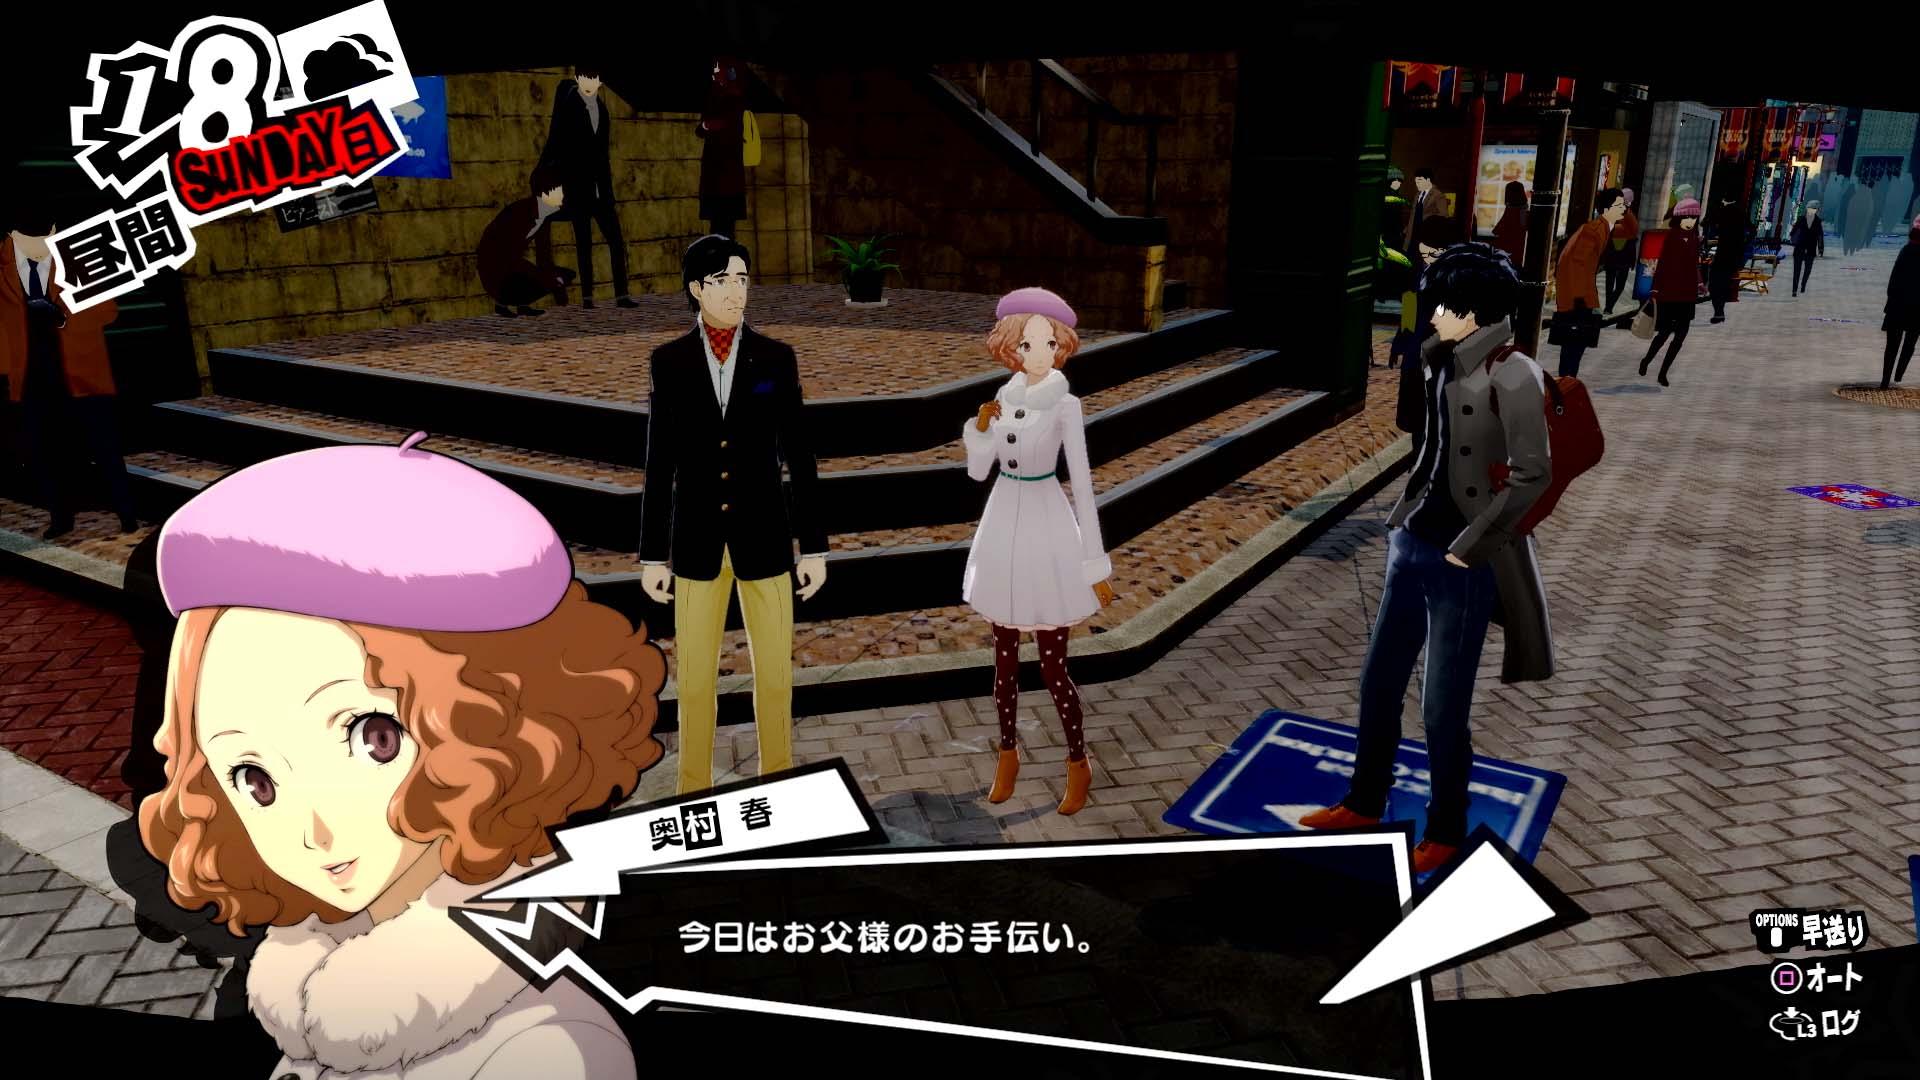 Persona 5 Royal - Persona 5